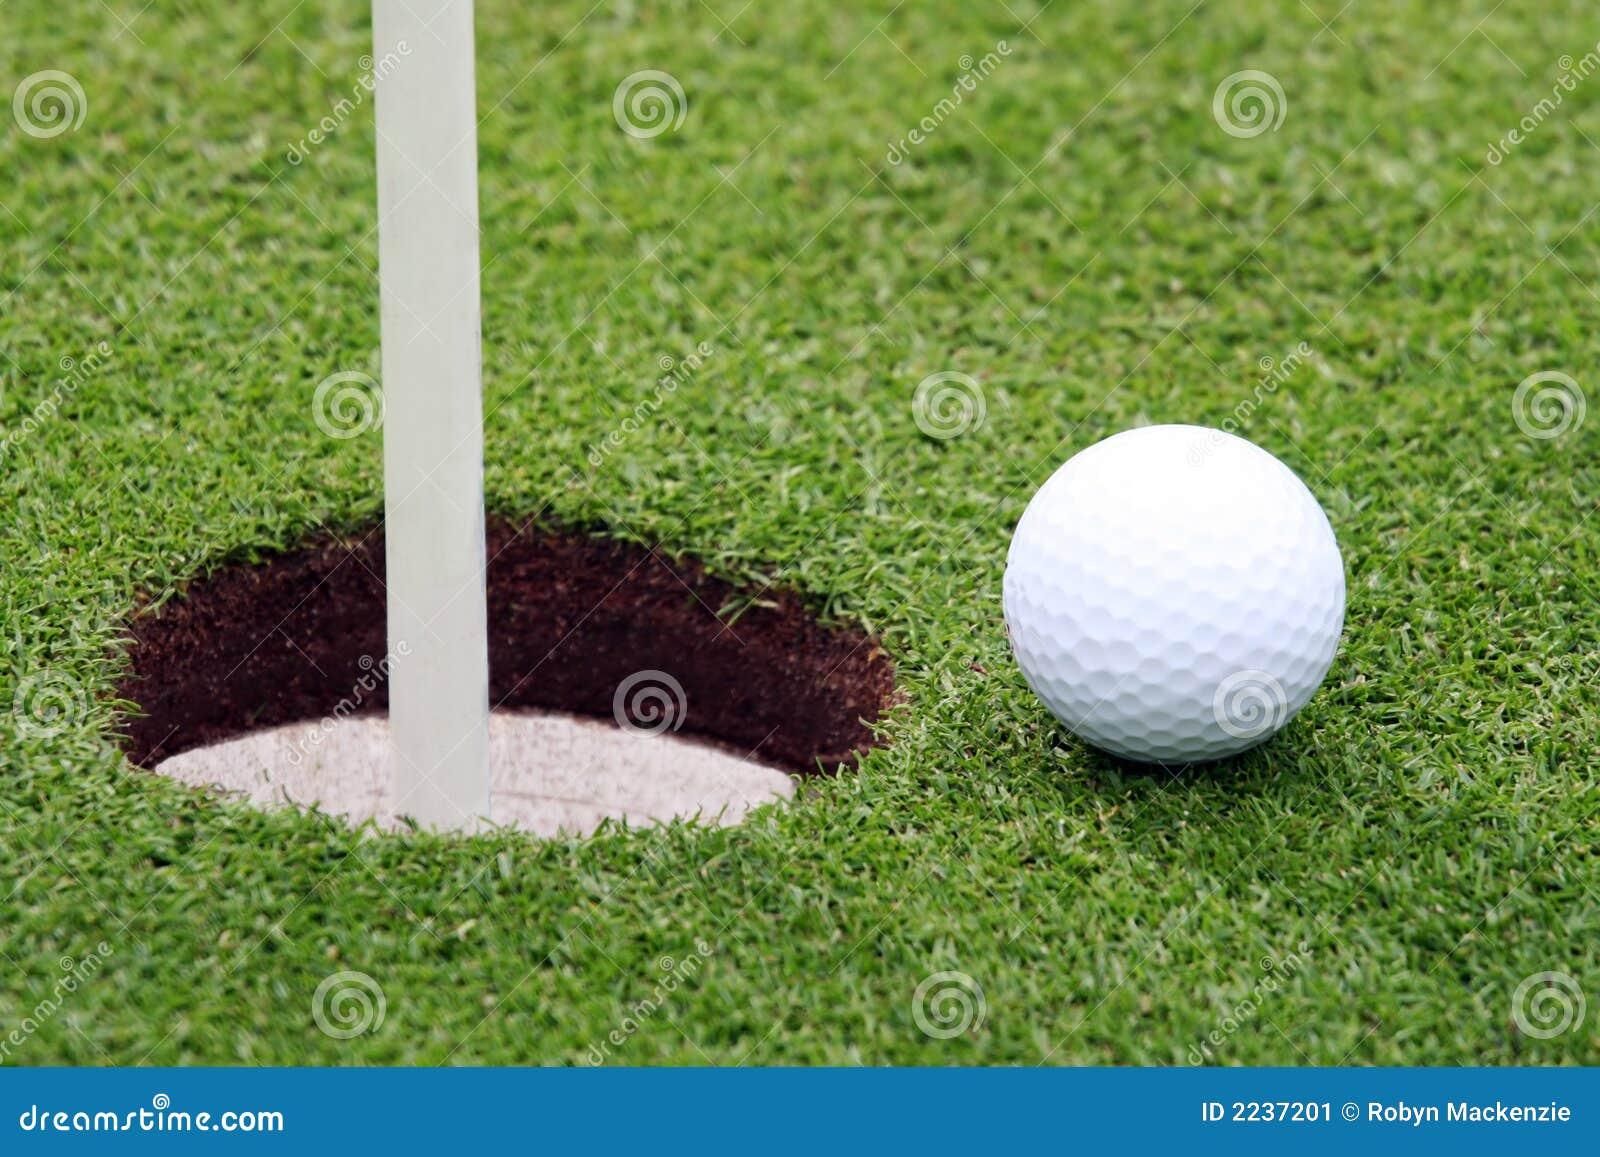 Golf Ball near Pin